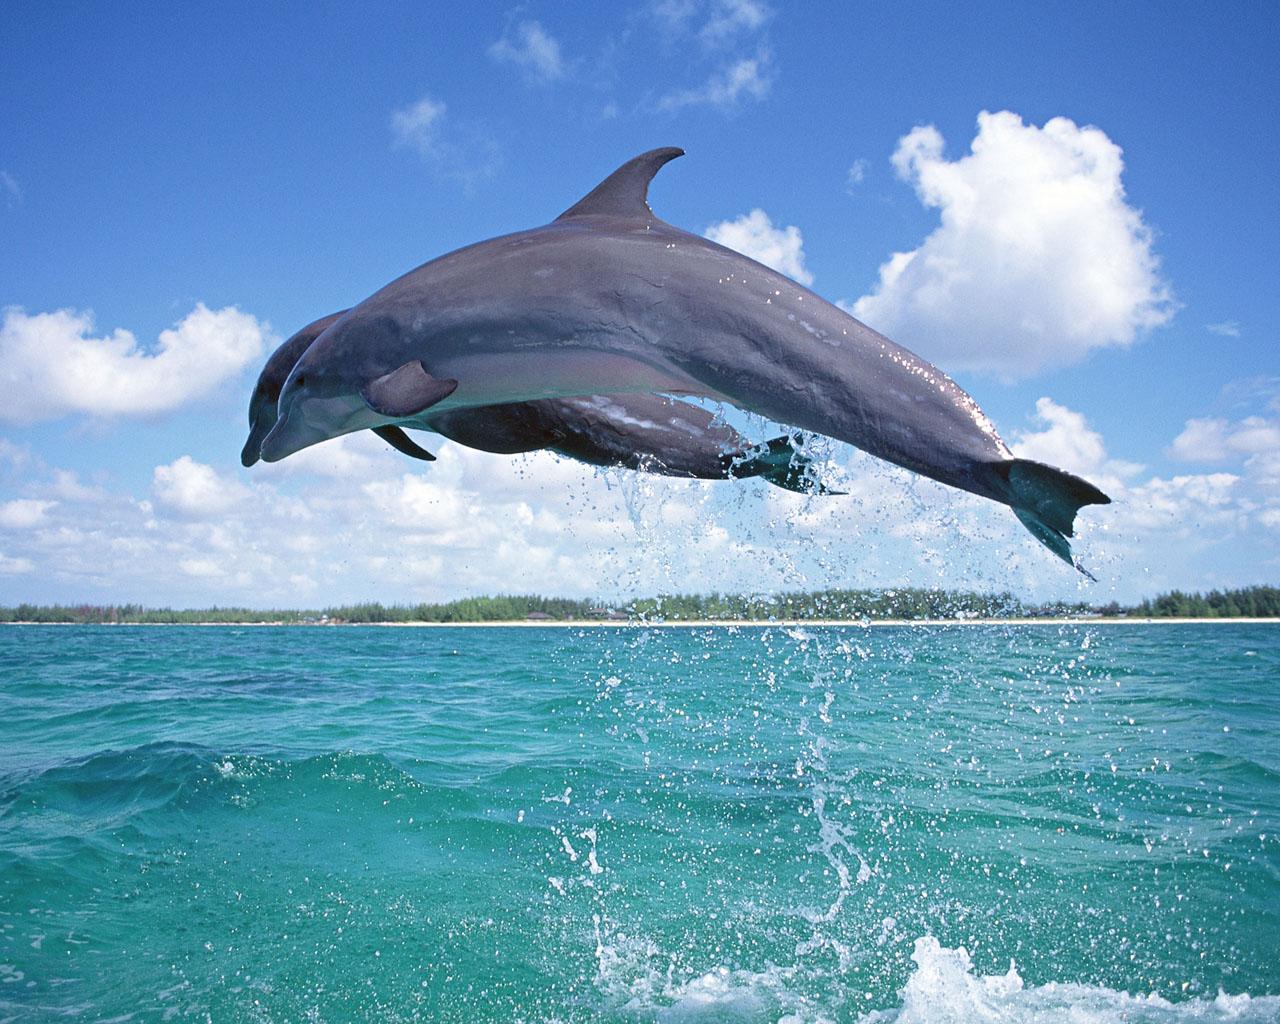 http://4.bp.blogspot.com/-dYbAoKIyhMg/T4ZL7izdxZI/AAAAAAAABFw/iZiwLbohoD4/s1600/los+delfines+3.jpg